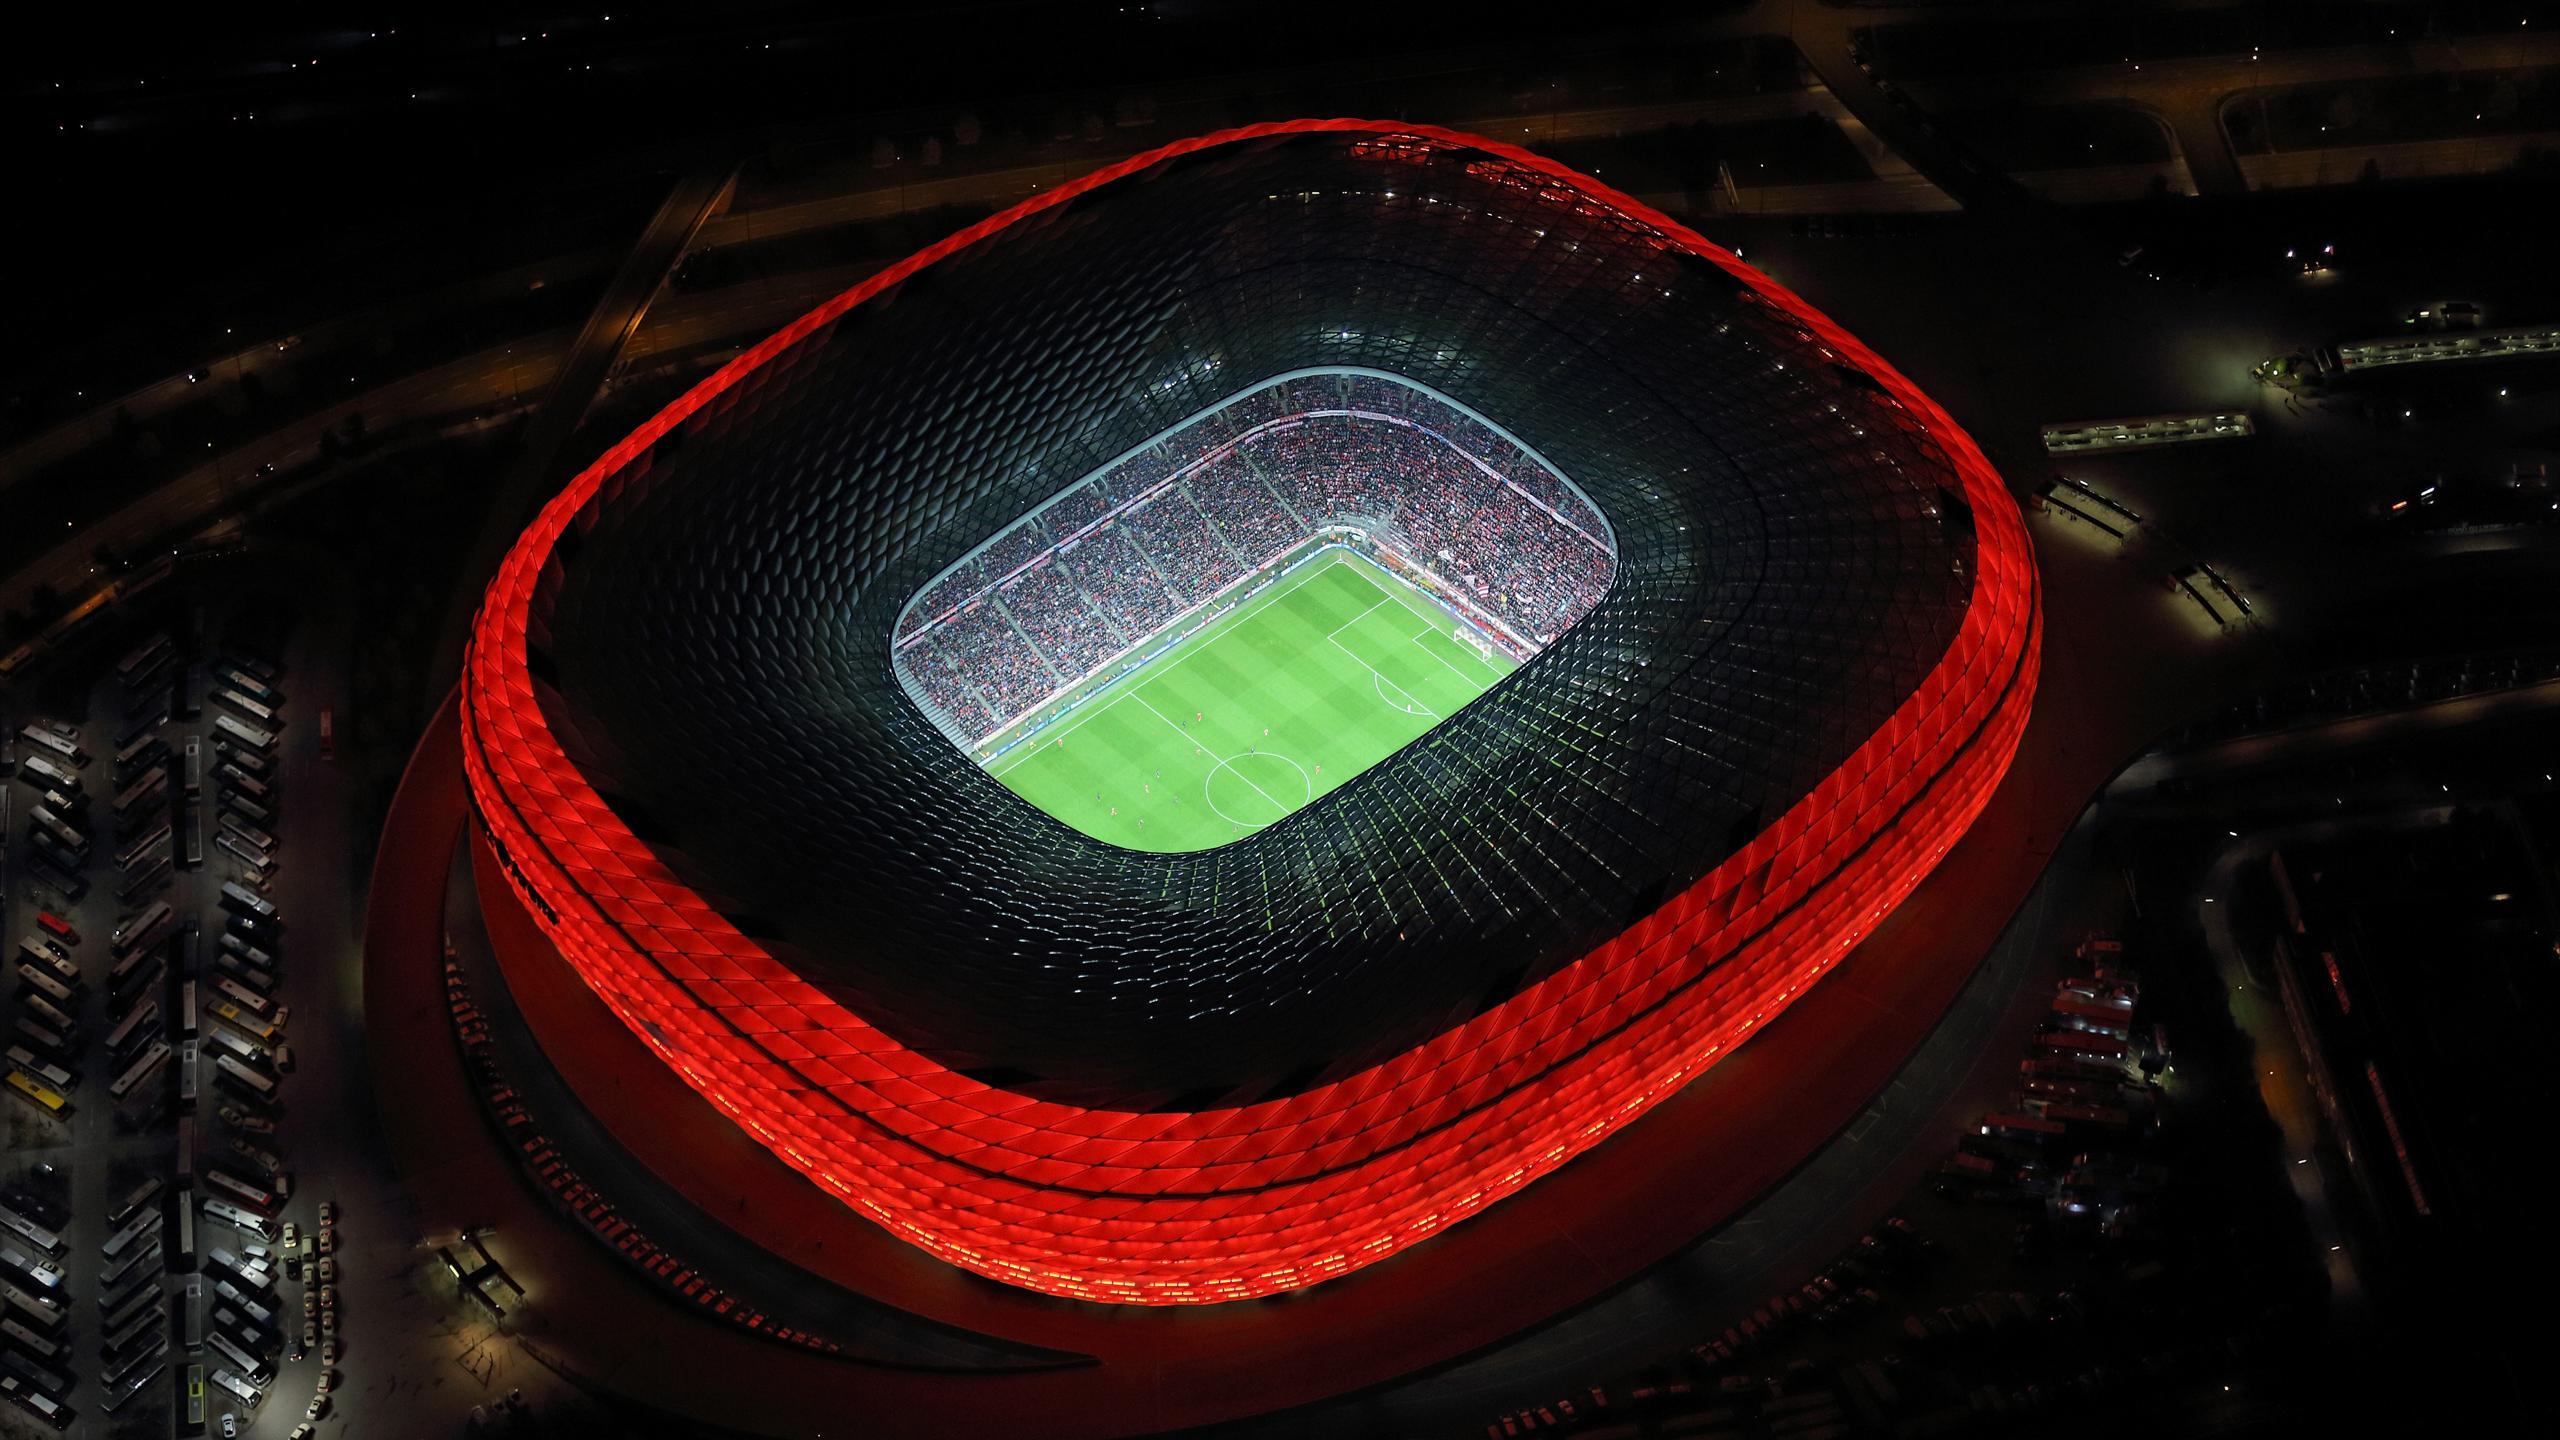 FOOTBALL MASCULIN CHAMPIONNAT D'EUROPE 2020 1316867-28330569-2560-1440